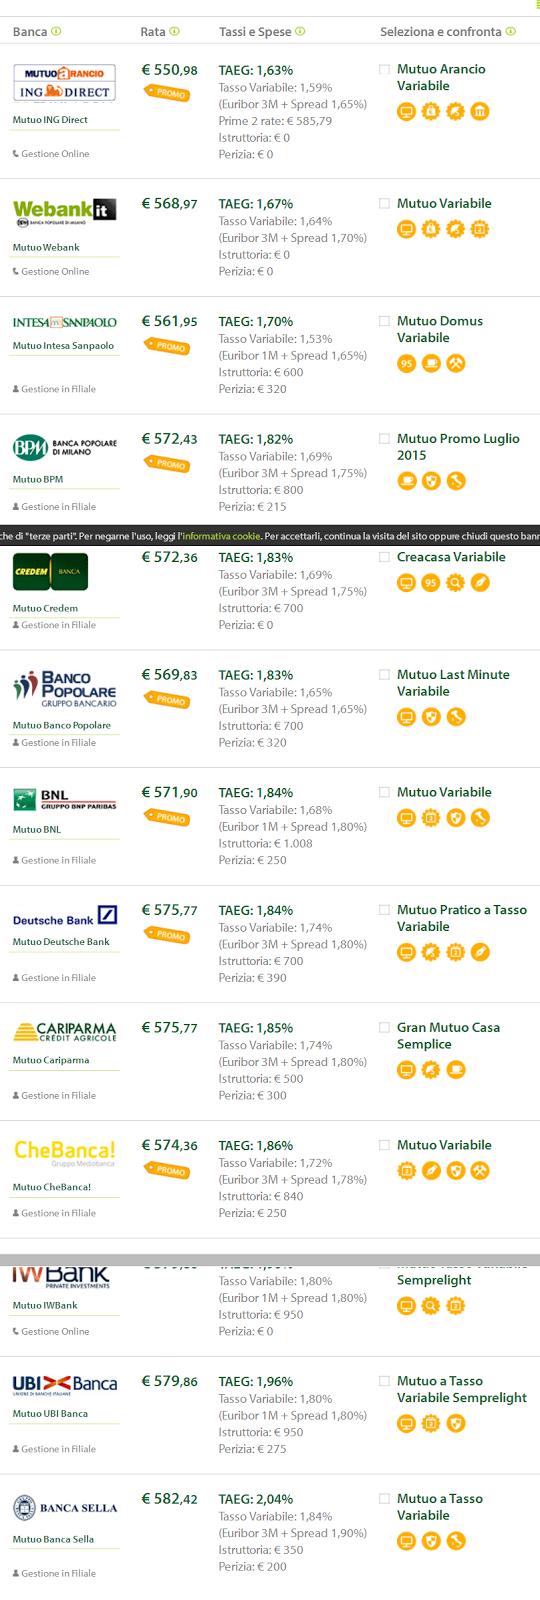 Migliori offerte mutui tasso fisso 2016 2015